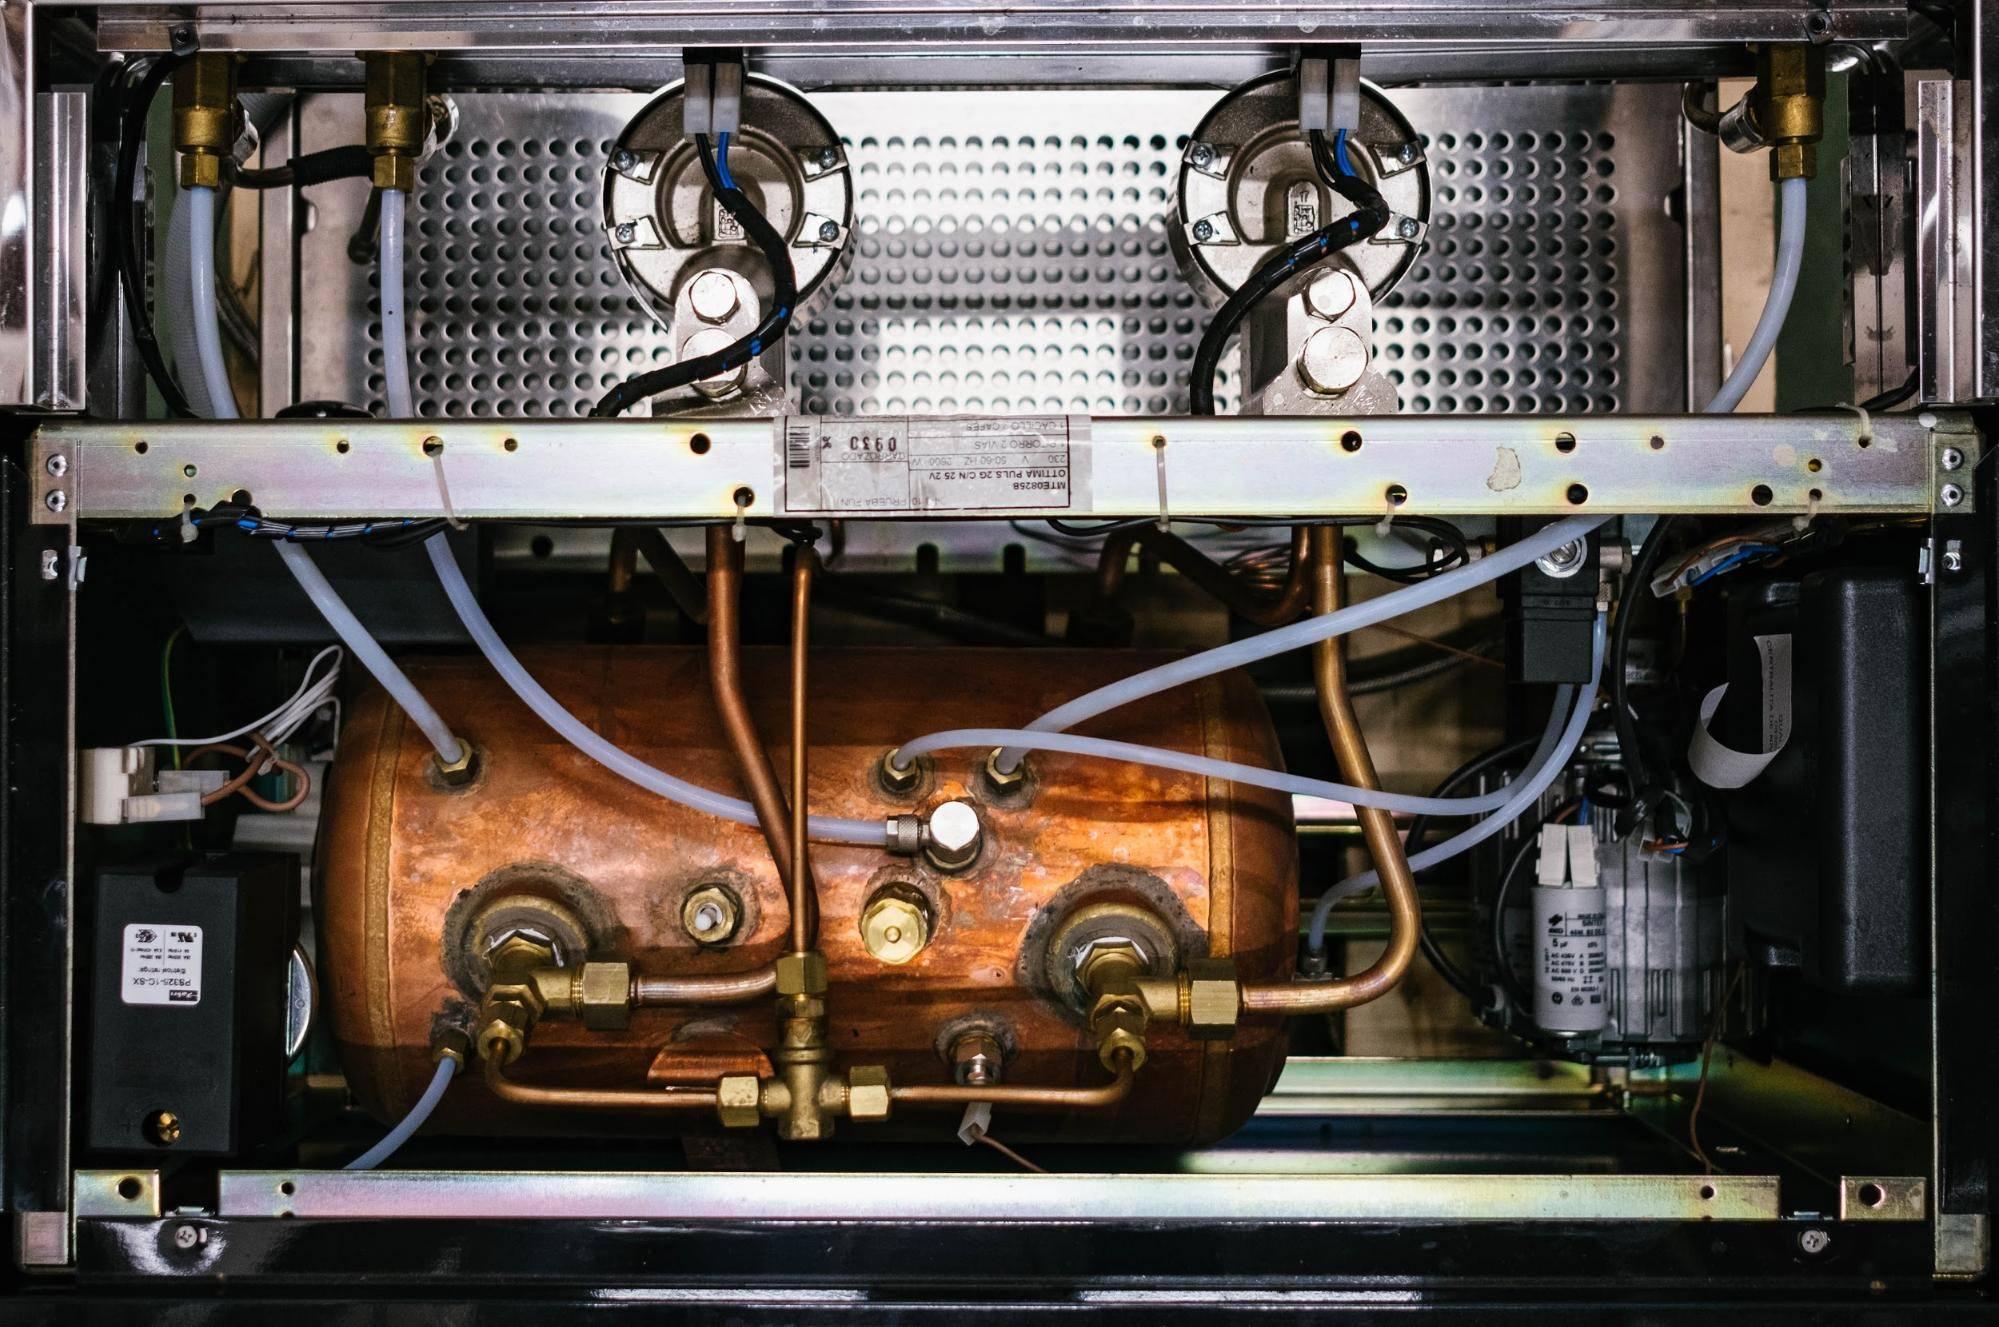 Кофеварка рожкового типа: кому подойдёт, специфика и устройство, виды, обзор производителей и цен, как выбрать для дома и офиса, нюансы варки